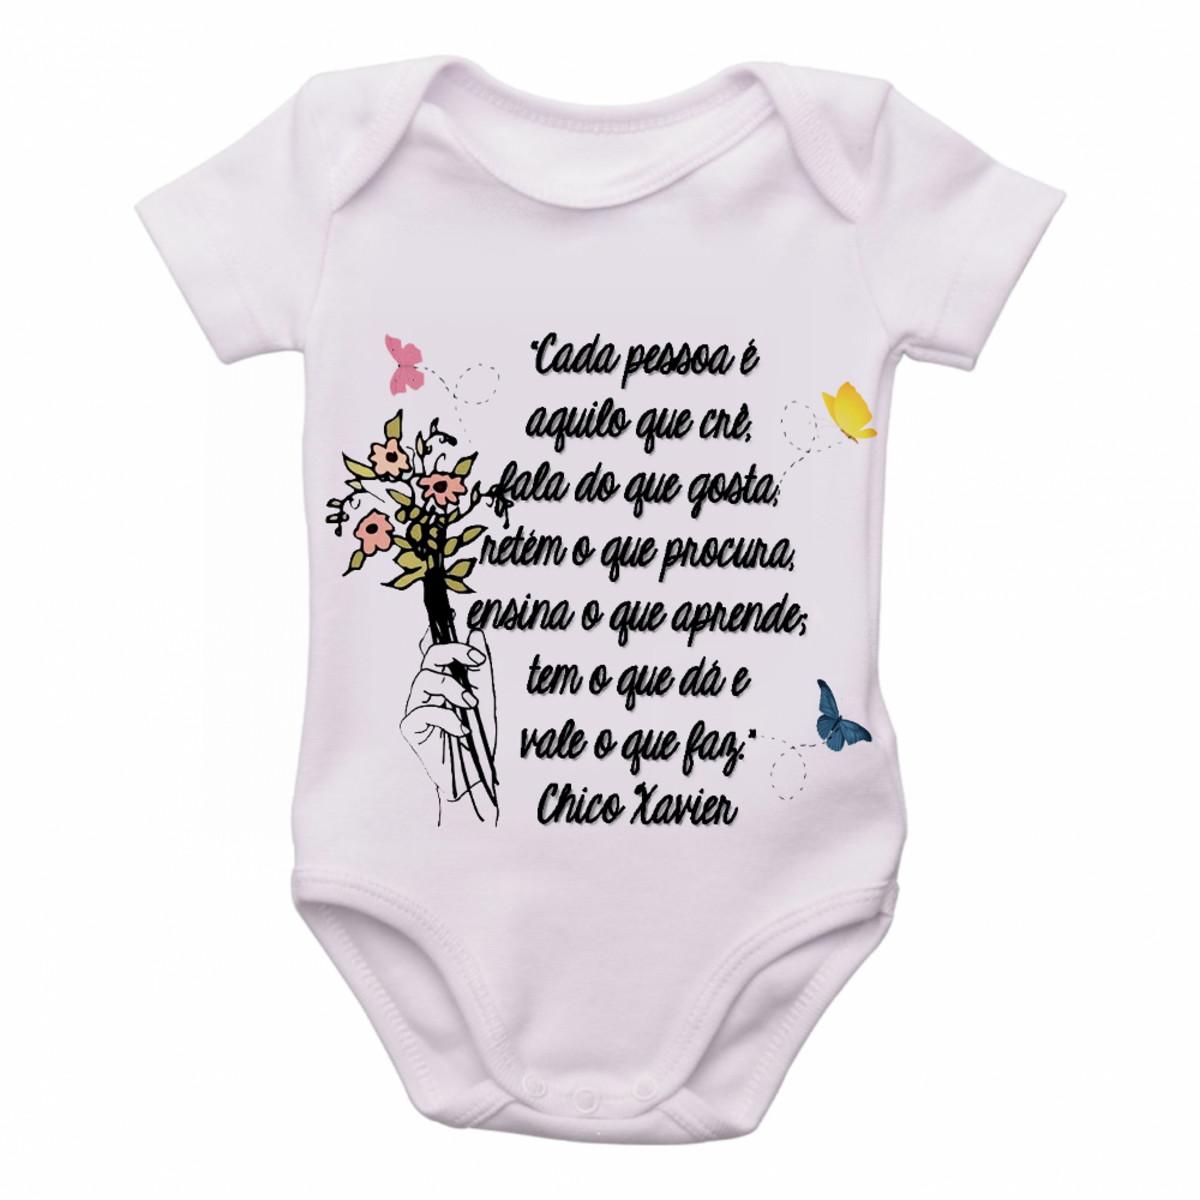 Body Bebê Roupa Infantil Criança Frase Chico Xavier Cada No Elo7